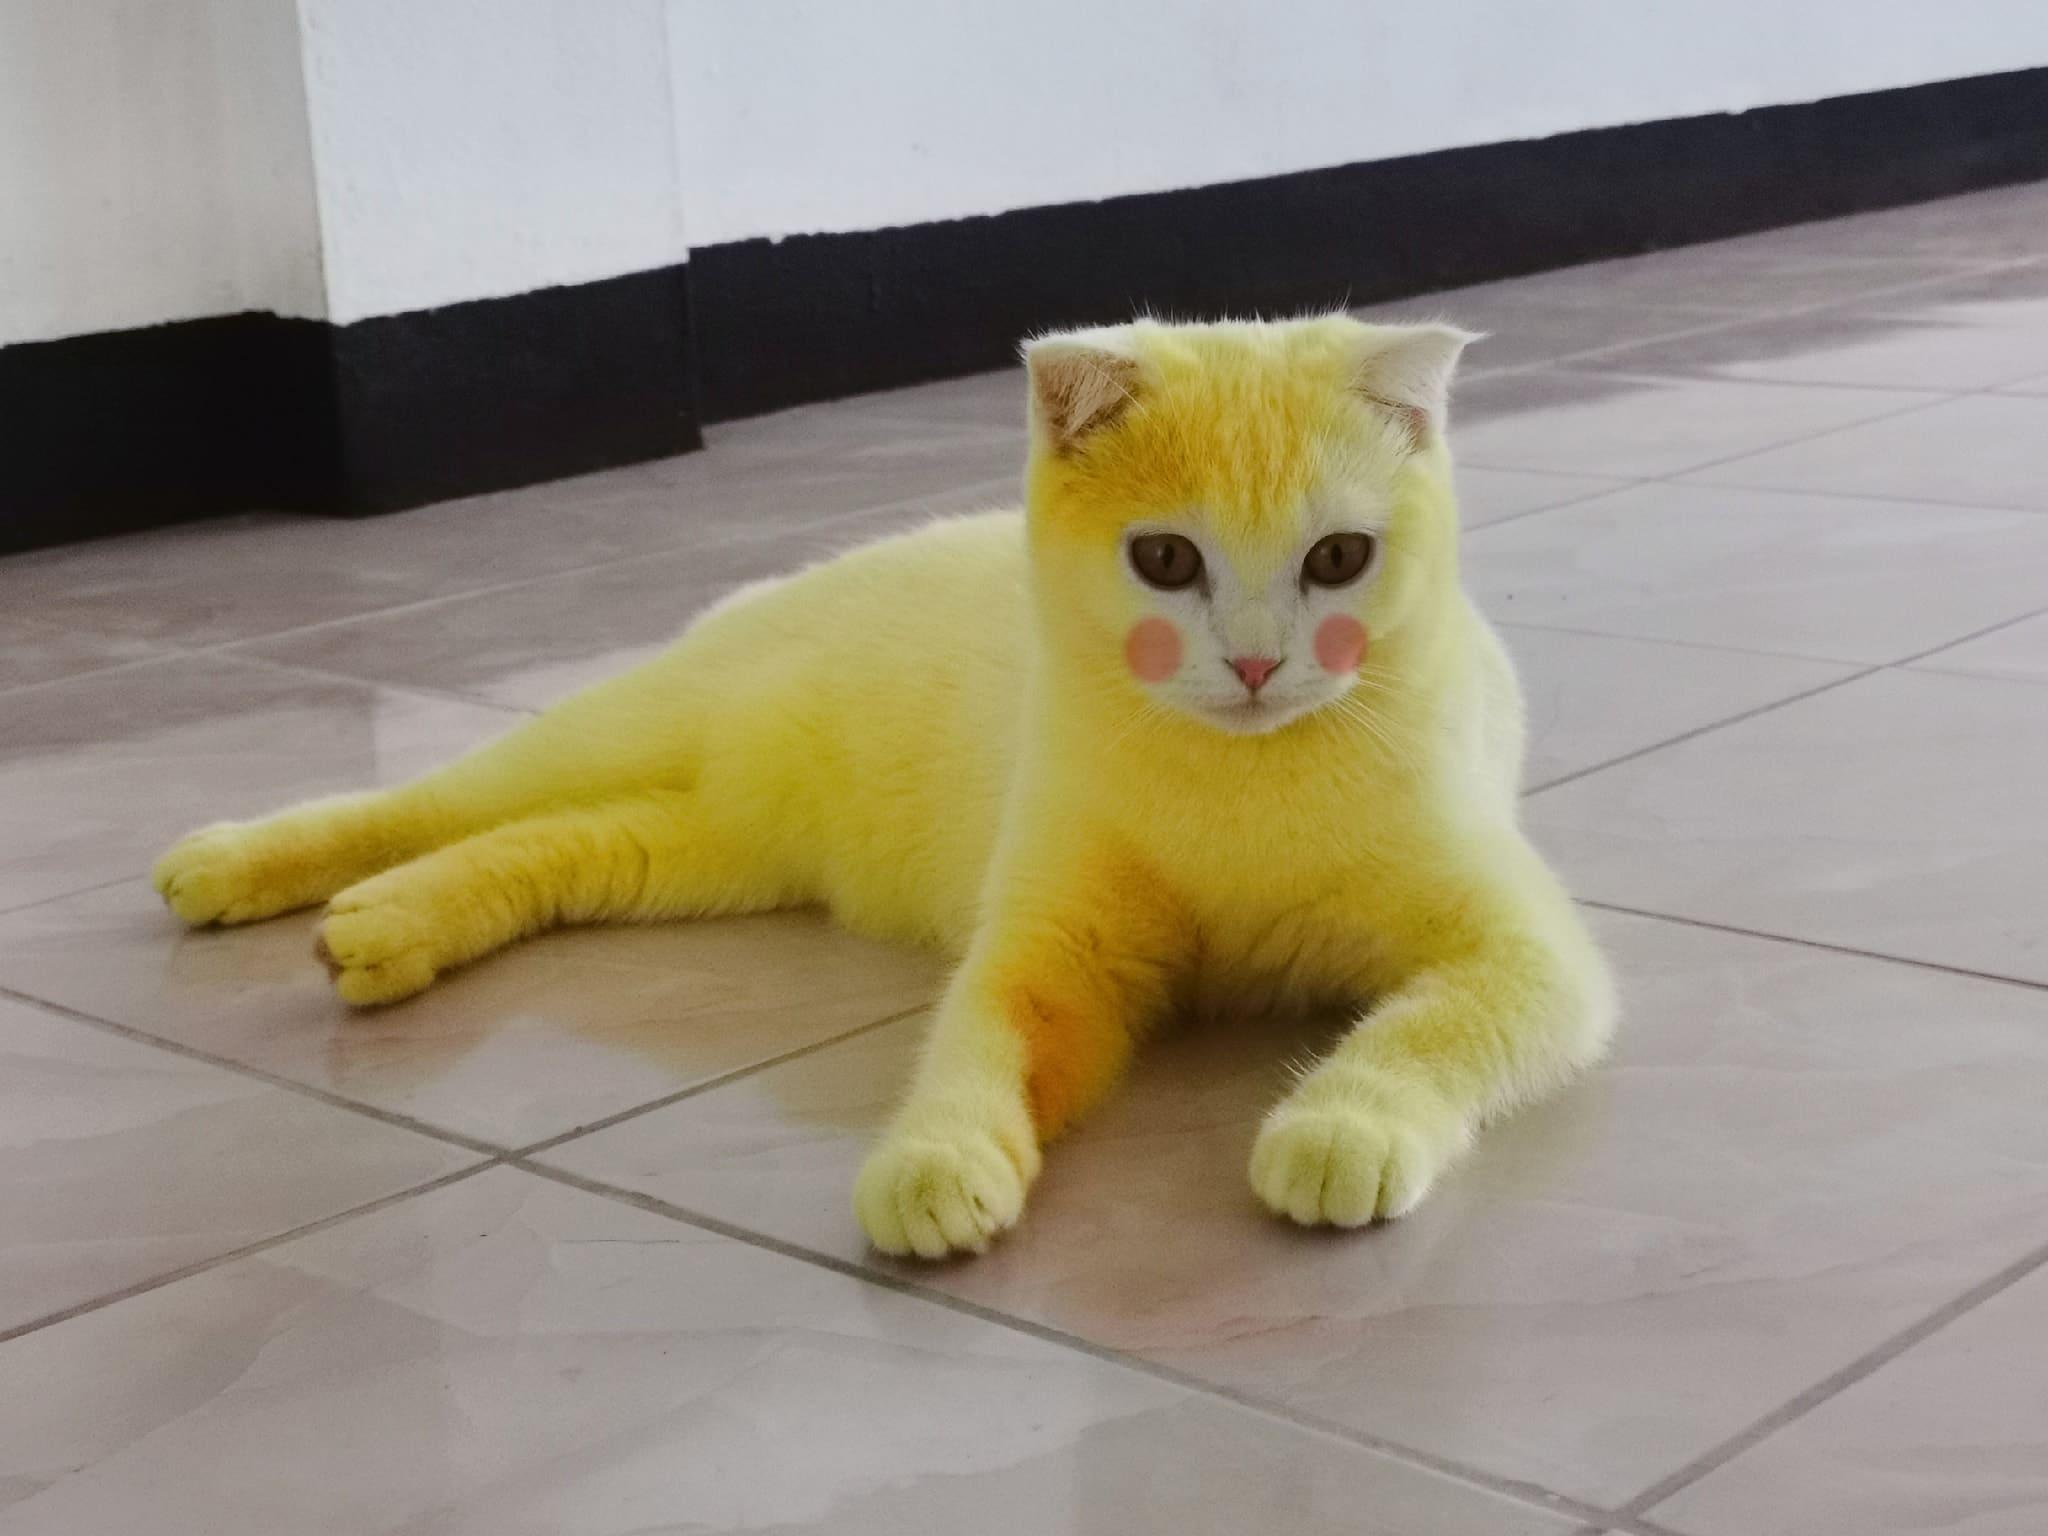 Une femme transforme son chat en Pikachu à cause d'un produit très spécial ! (vidéo)